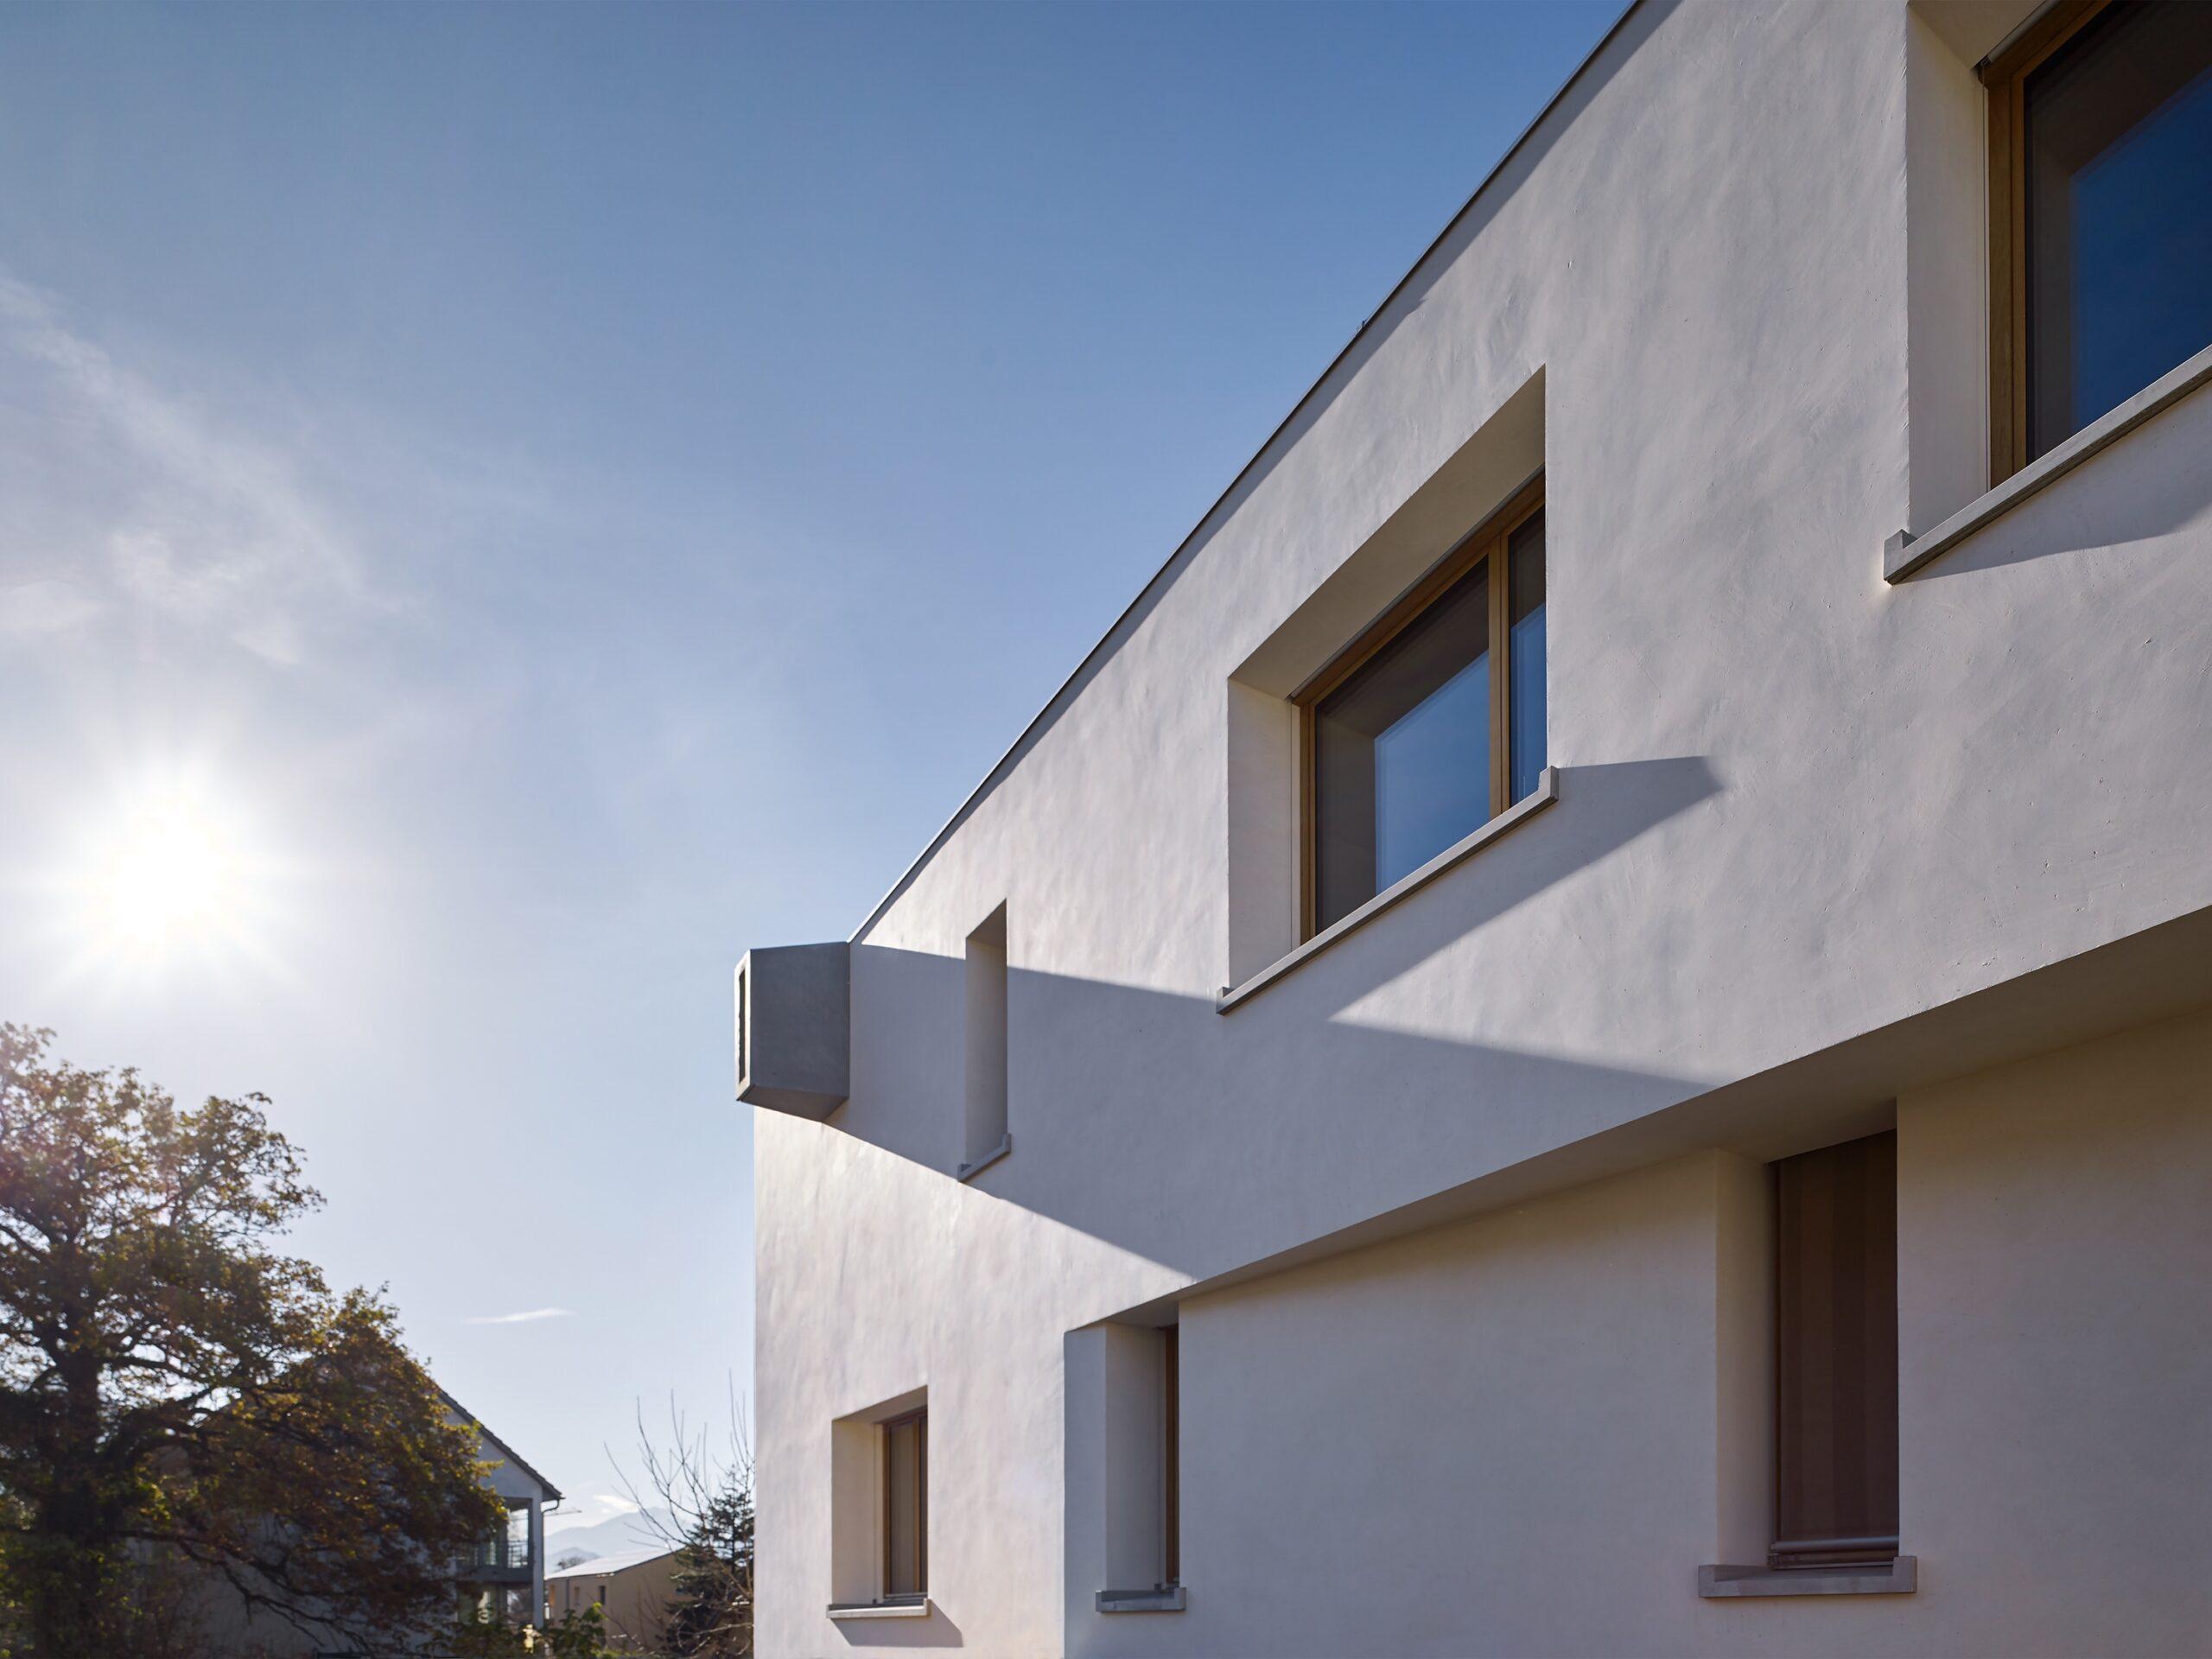 Haus Holdergasse, Fassade, Putz, Speier, BE Architekten, Olex, Marc Lins